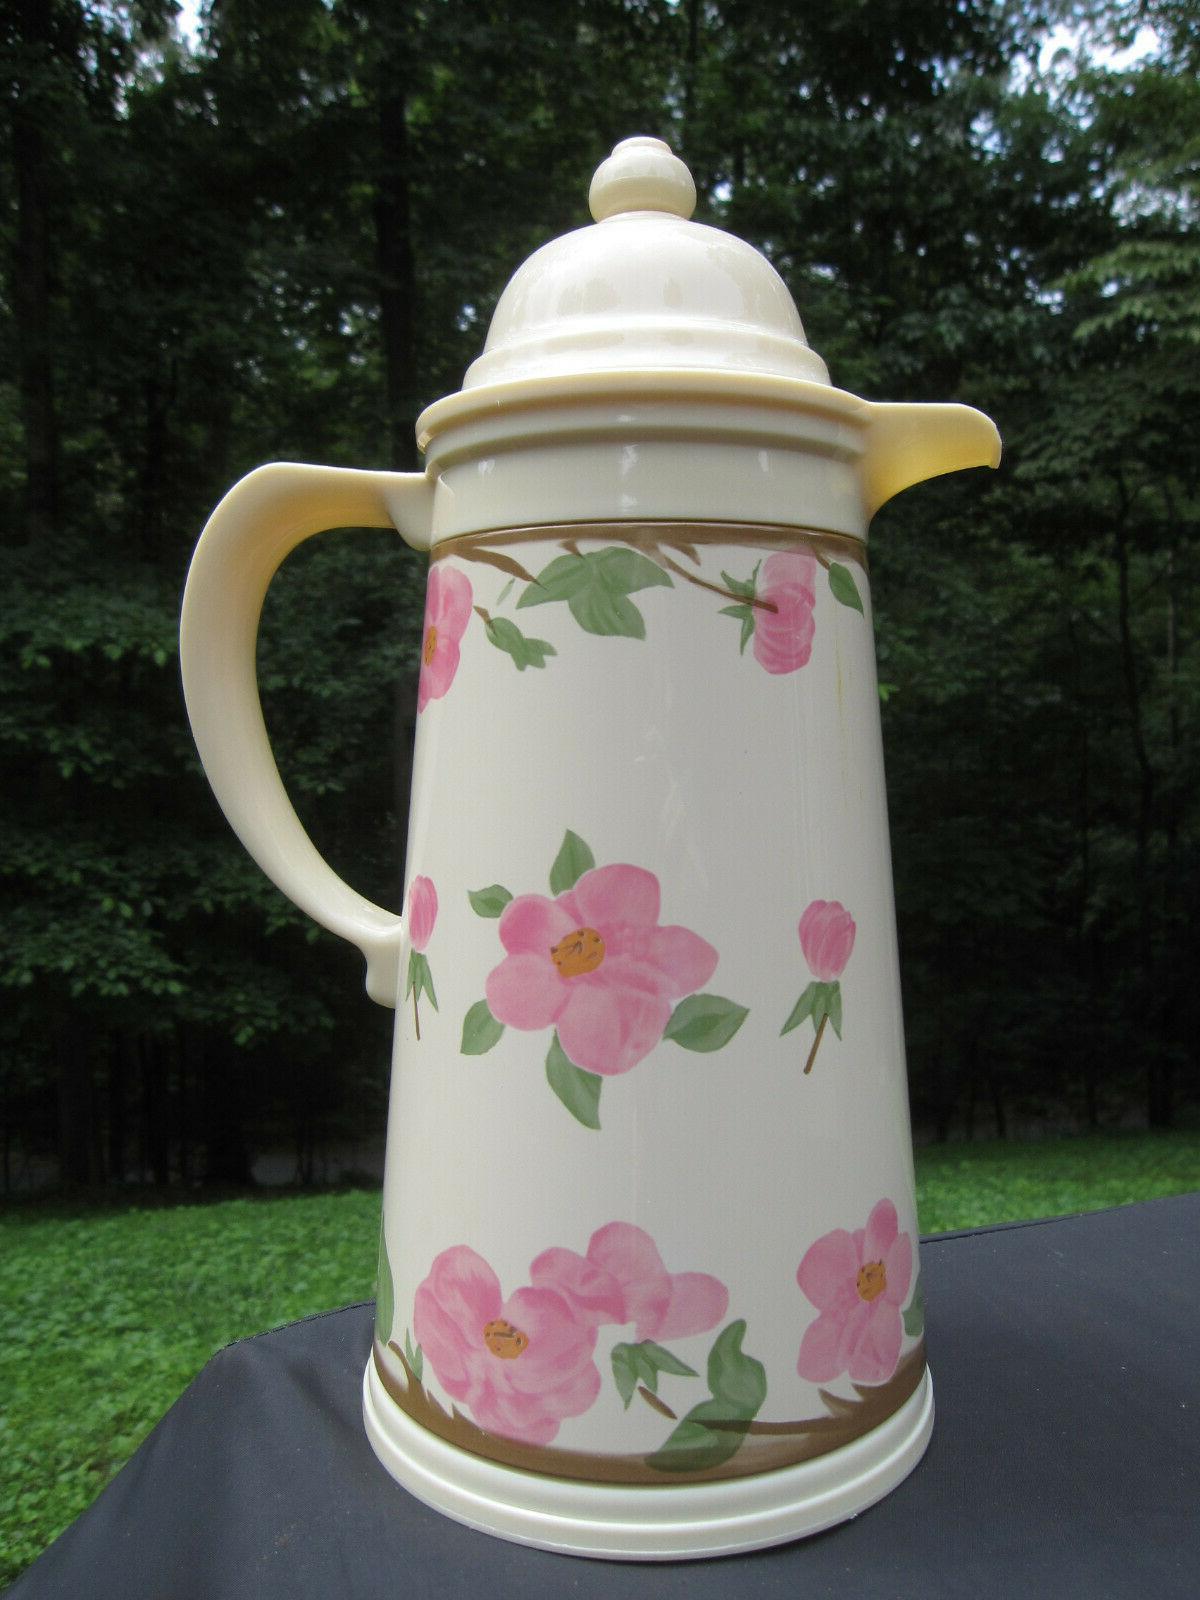 franciscan desert rose thermal carafe coffee butler